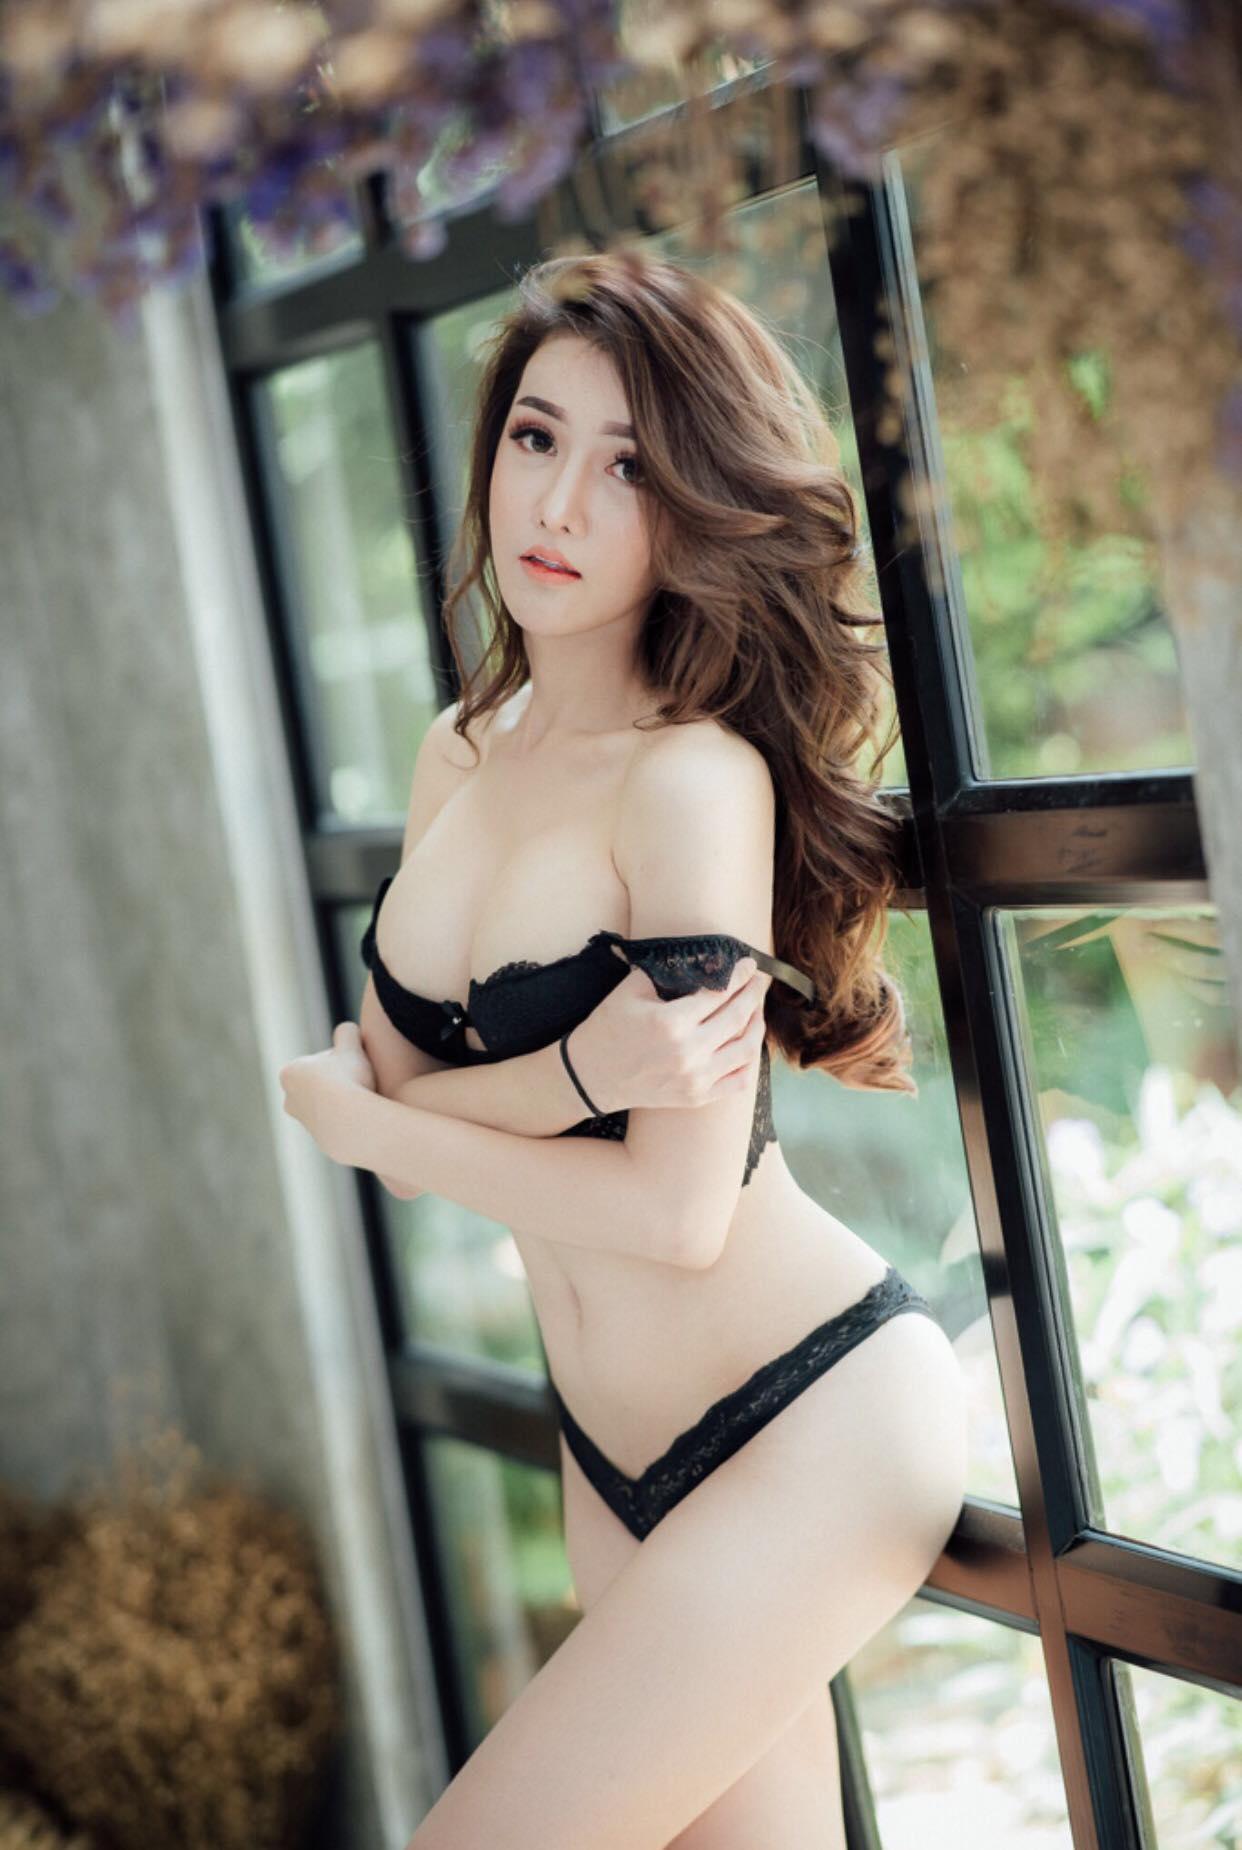 Most beautiful sexy girls